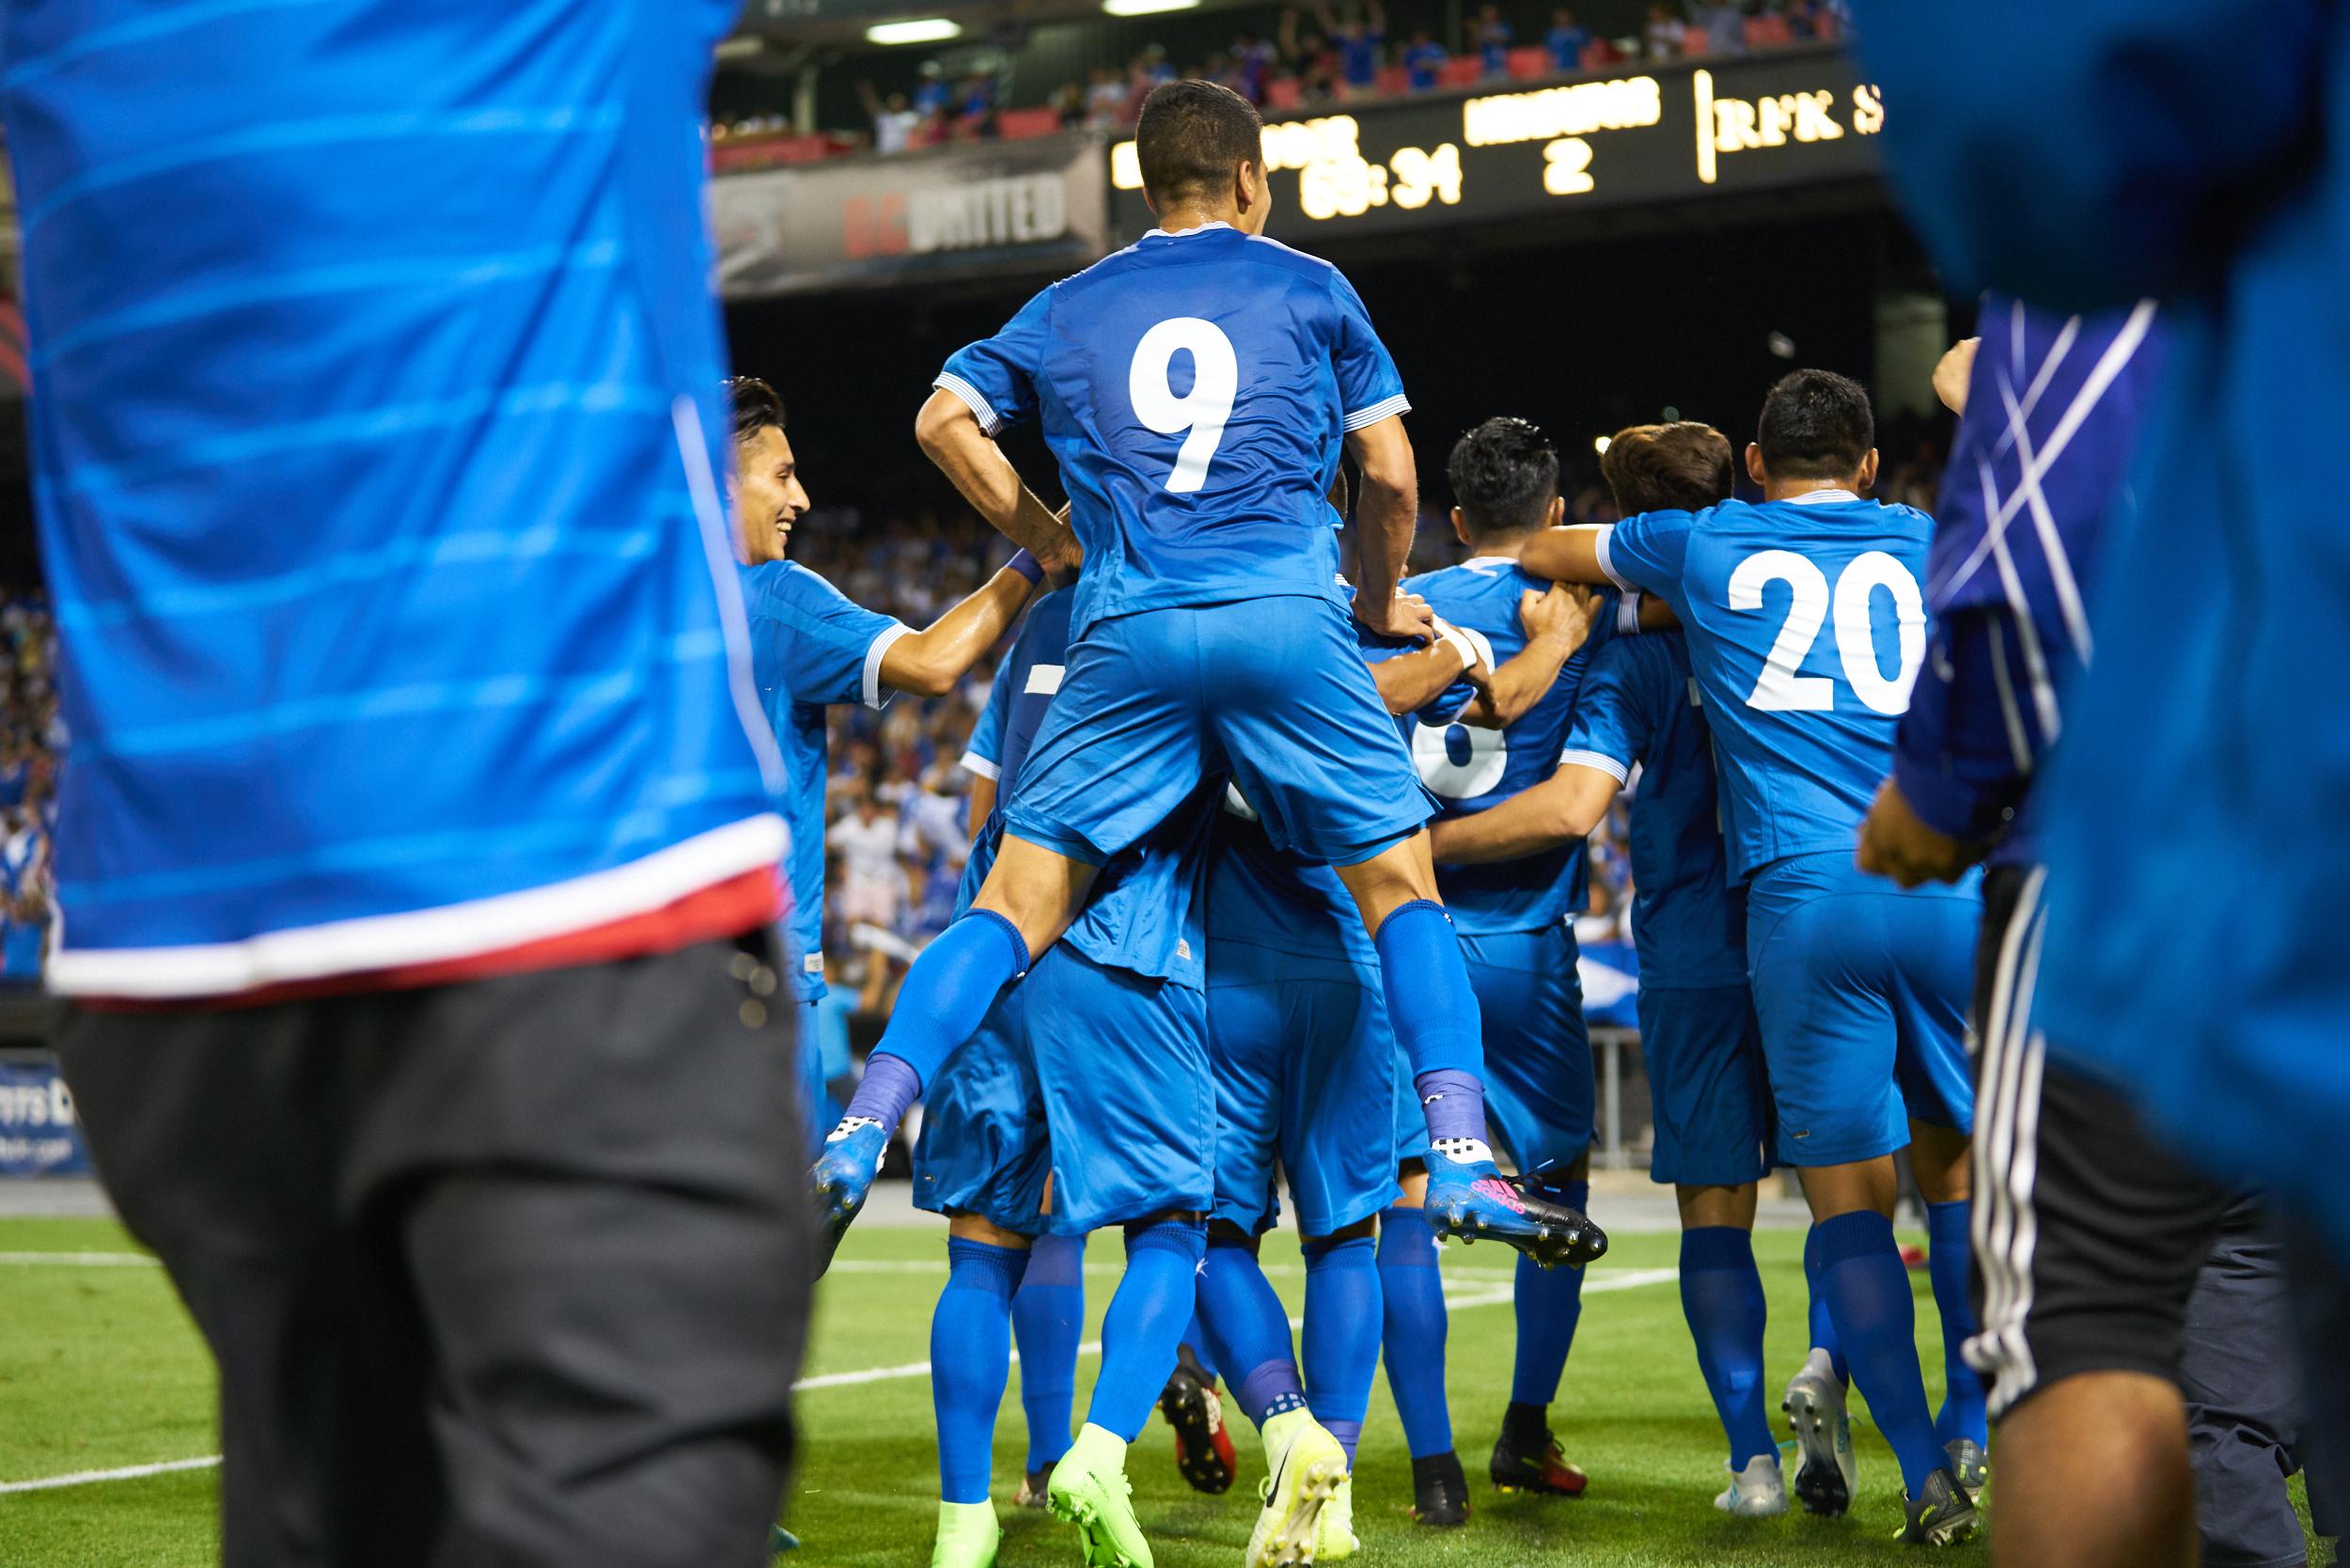 els_goal_celebration1.jpg